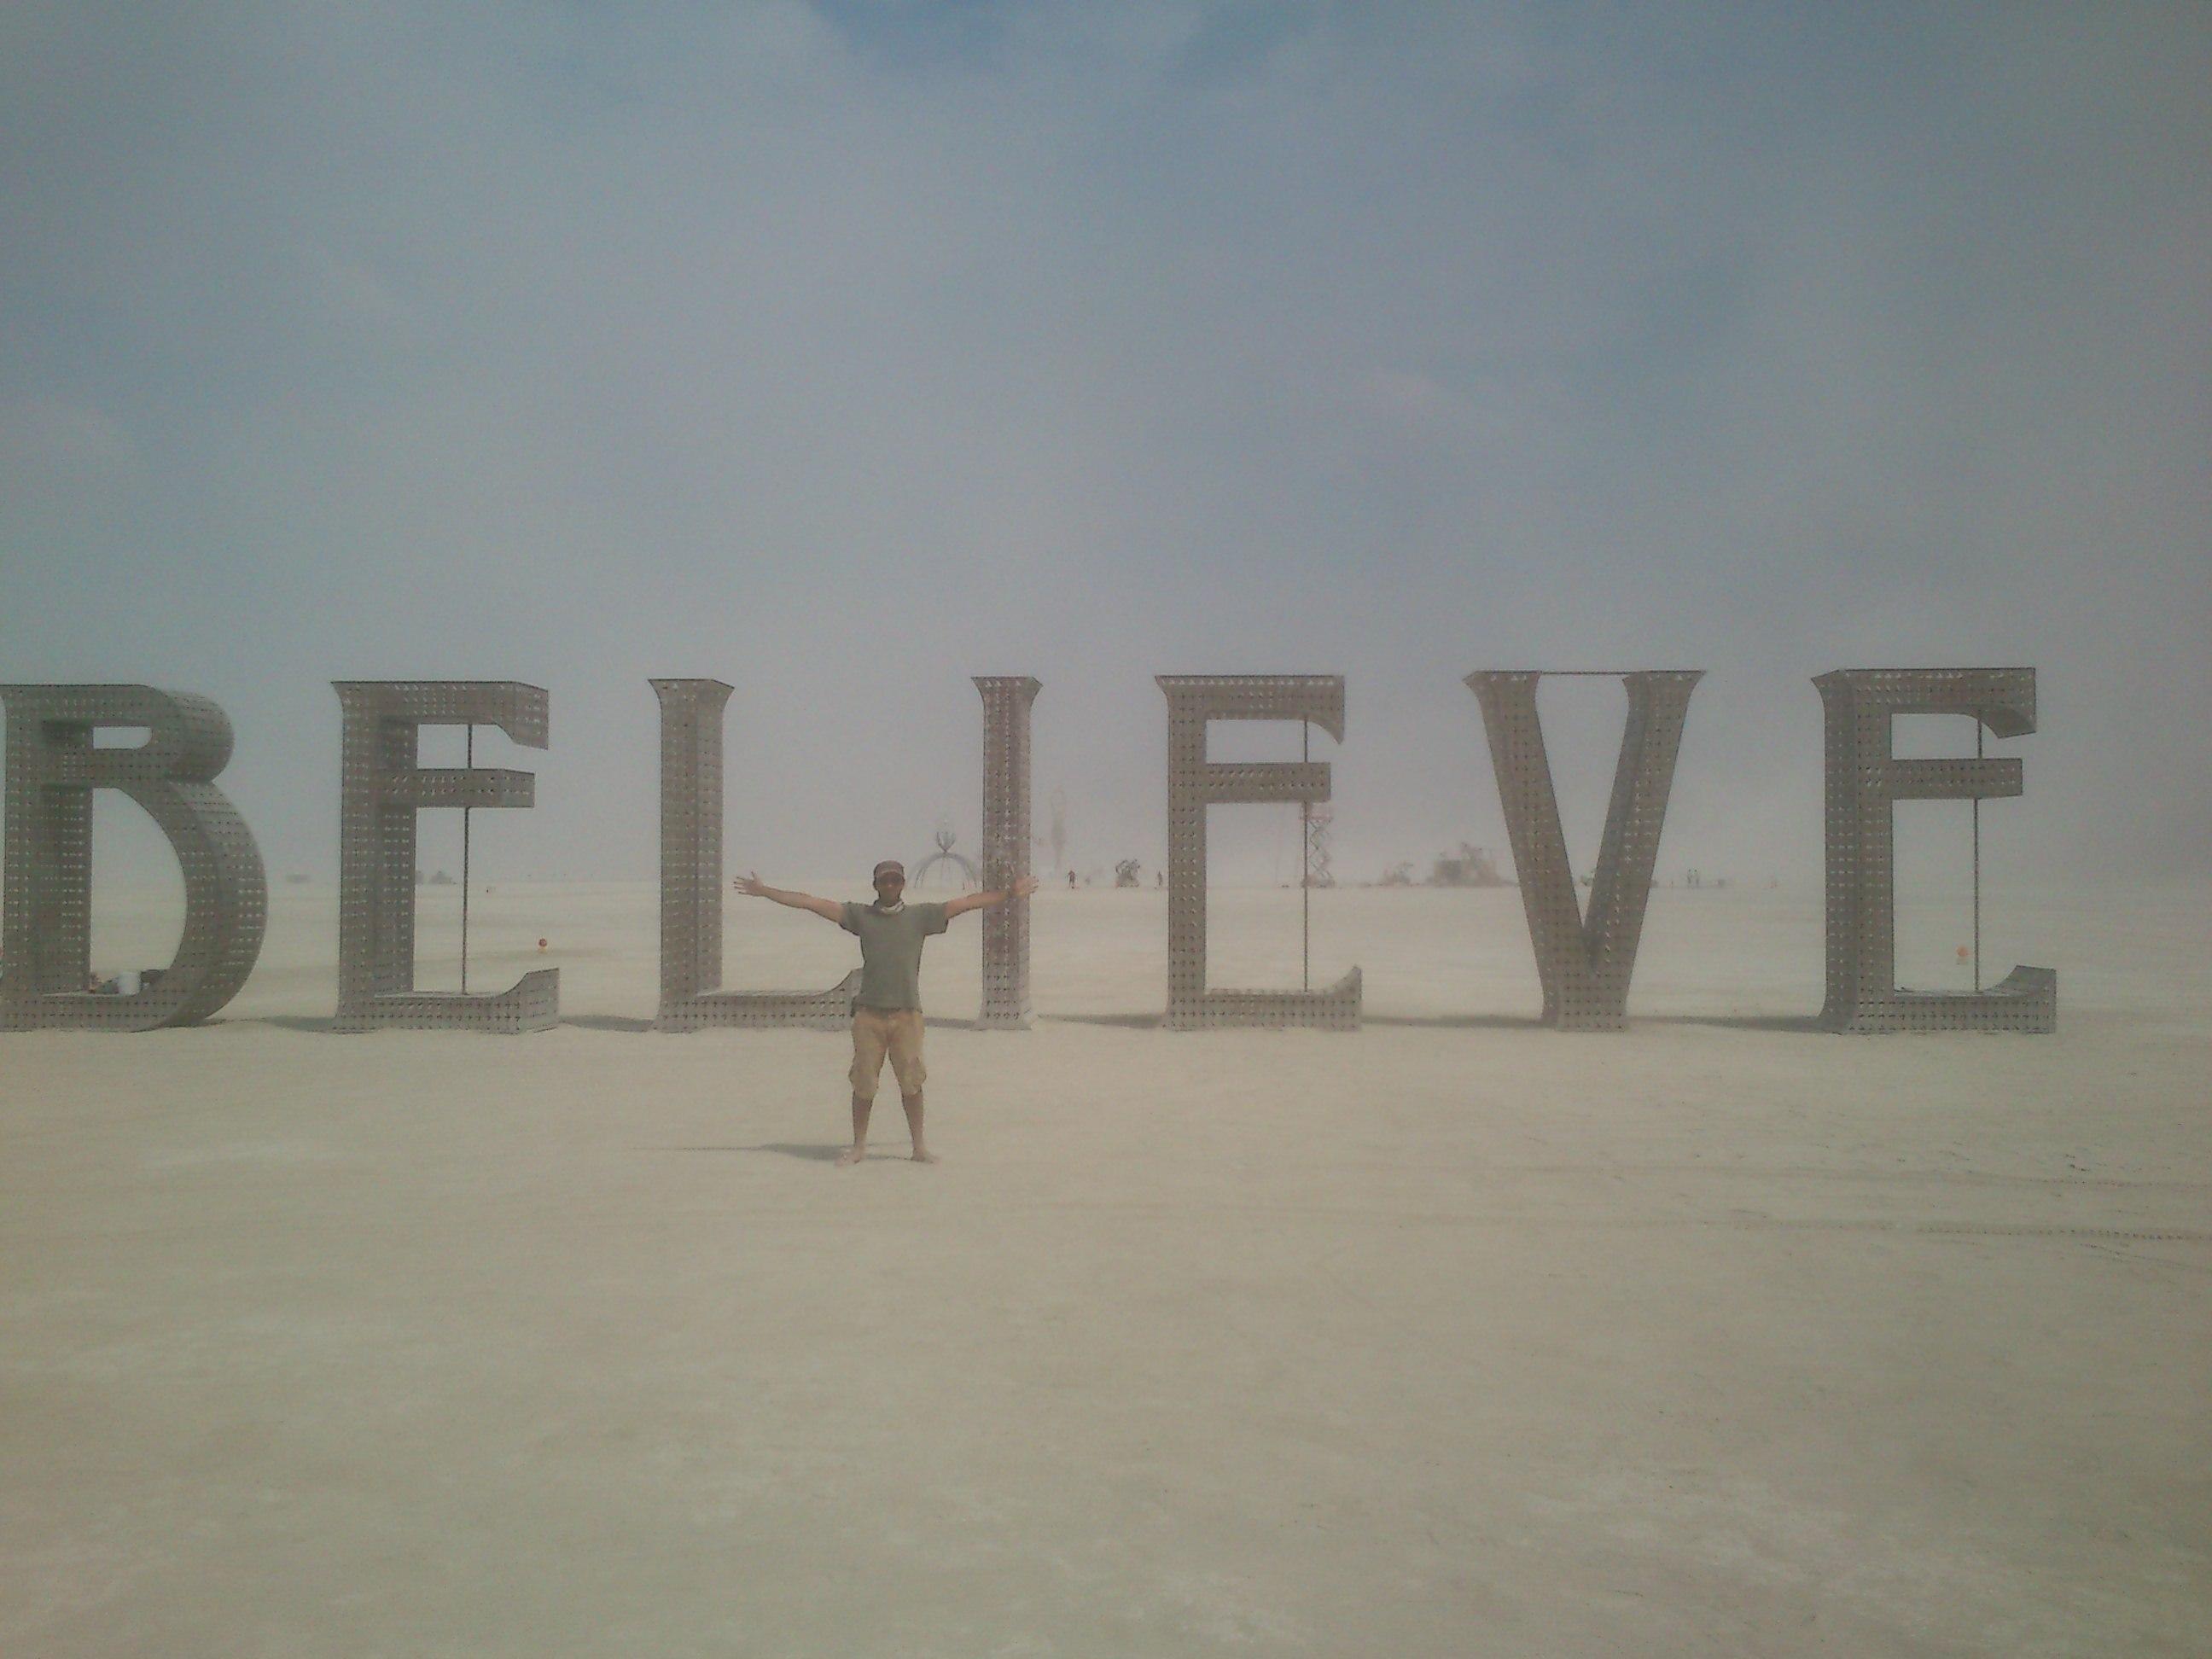 Réalisation de timelapse au festival Burning man 2013